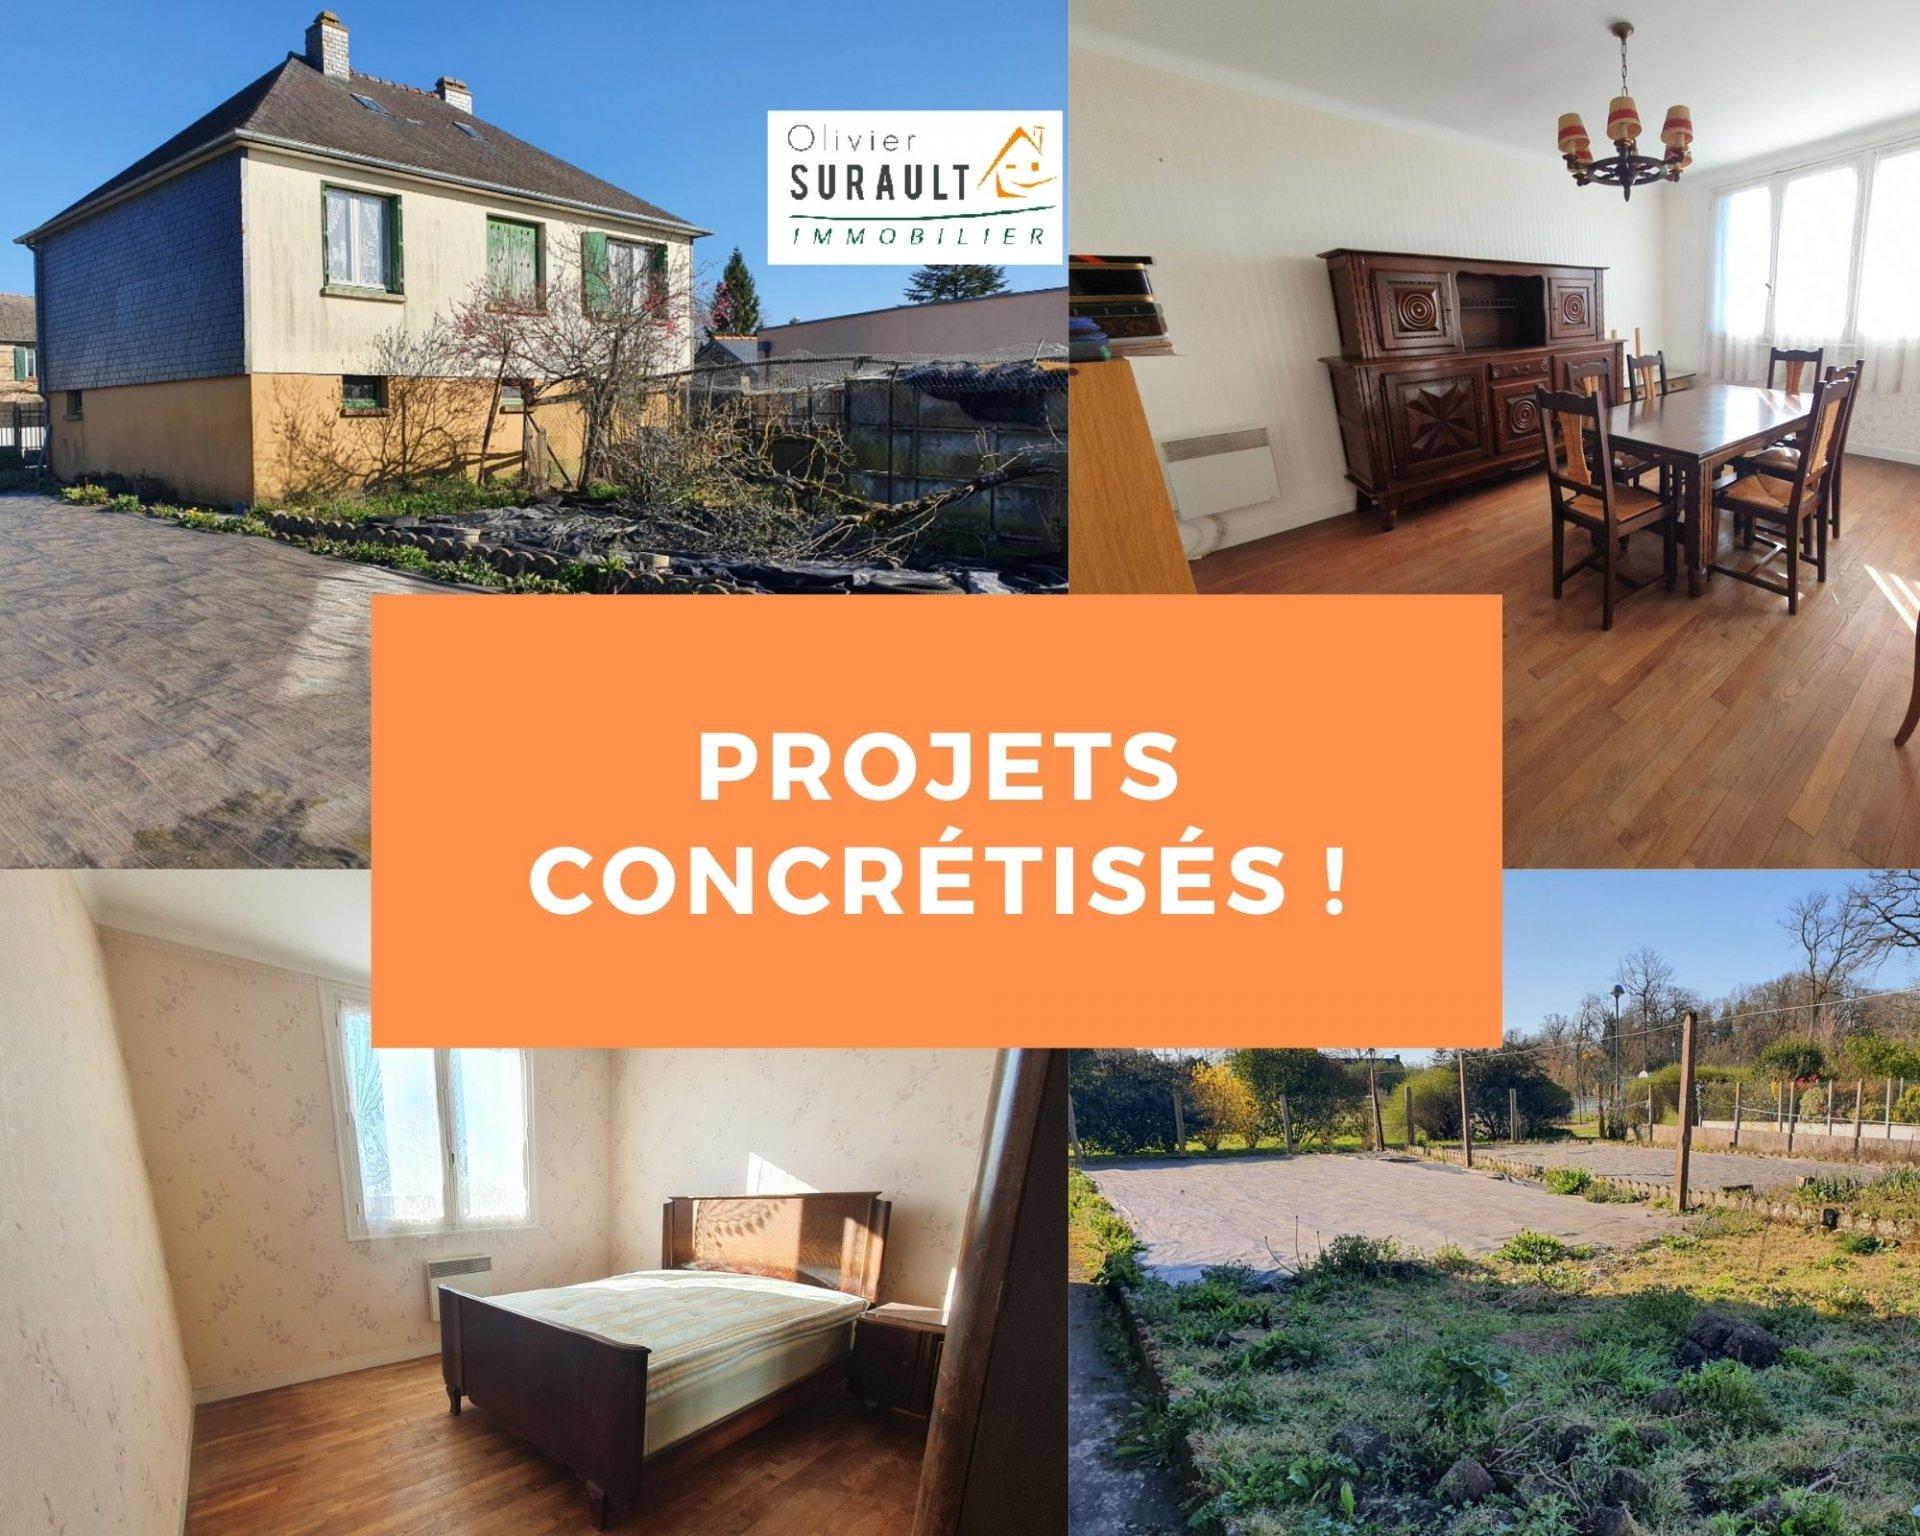 Maison de bourg-70 m² hab-sous-sol complet-terrain de 688 m²